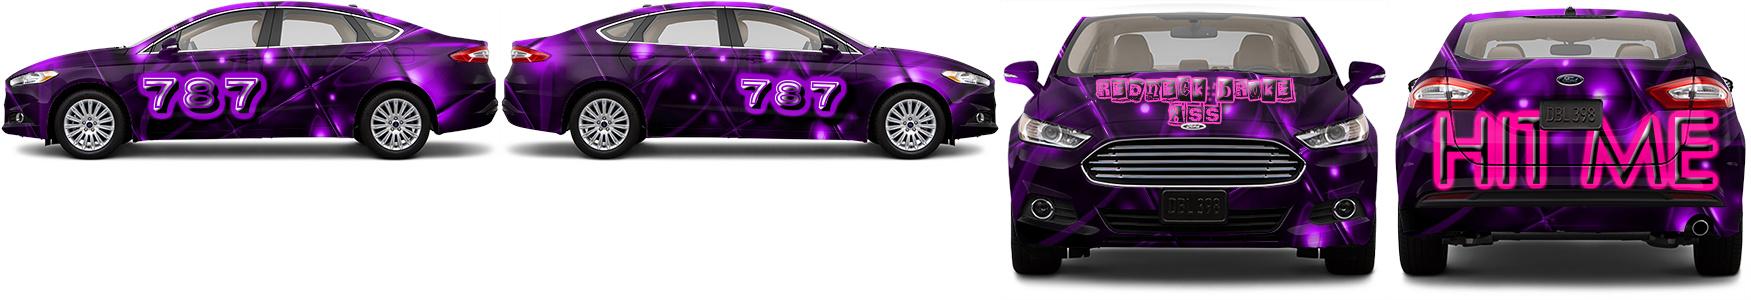 Sedan Wrap #52792